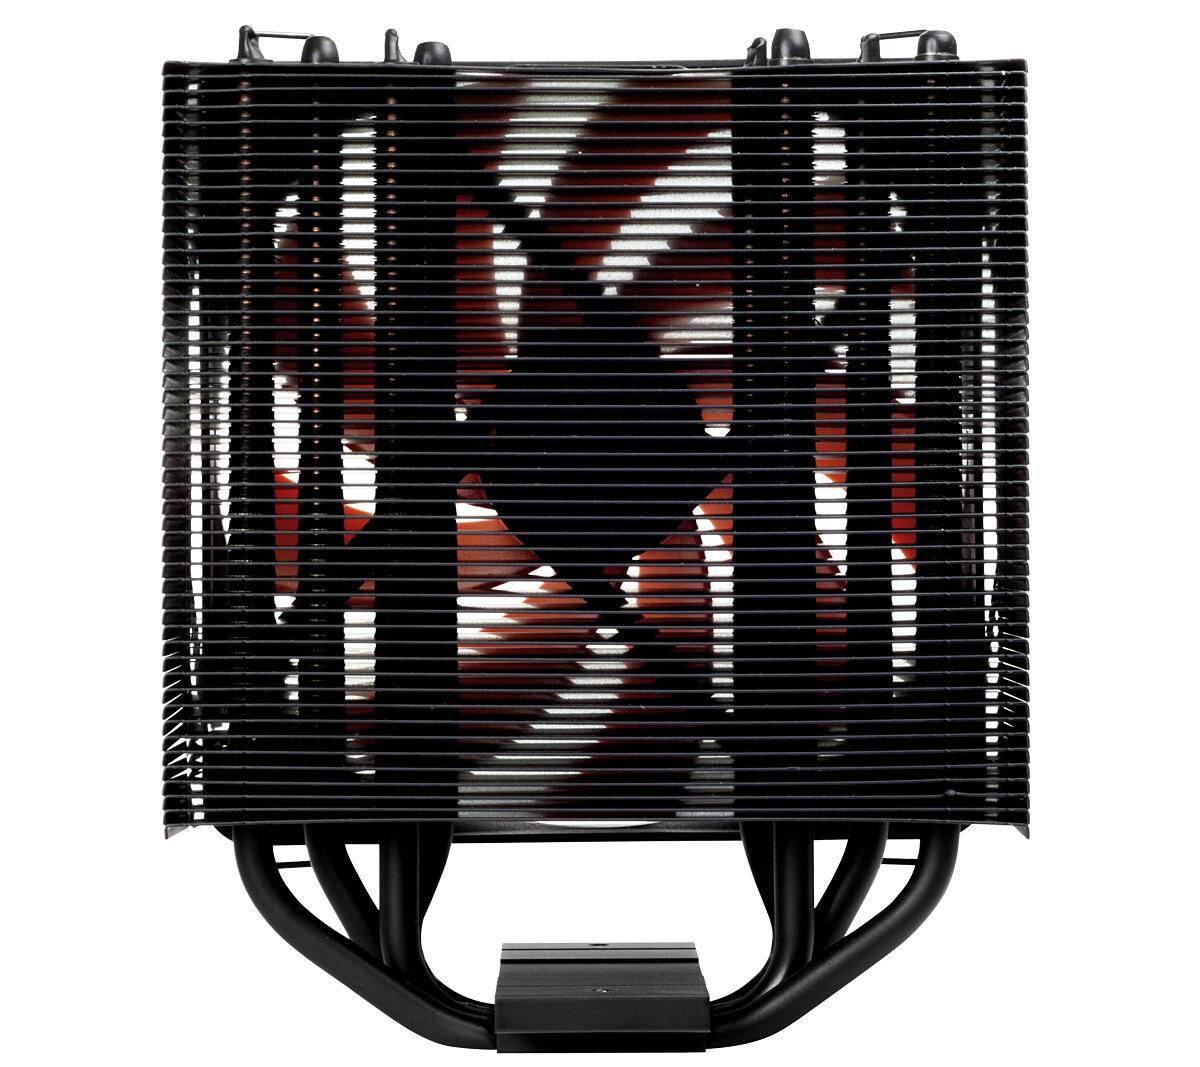 Кулер Arctic Cooling Freezer 11LP Retail UCACO-P2000000-BL (S775/S1155/1156/1150)